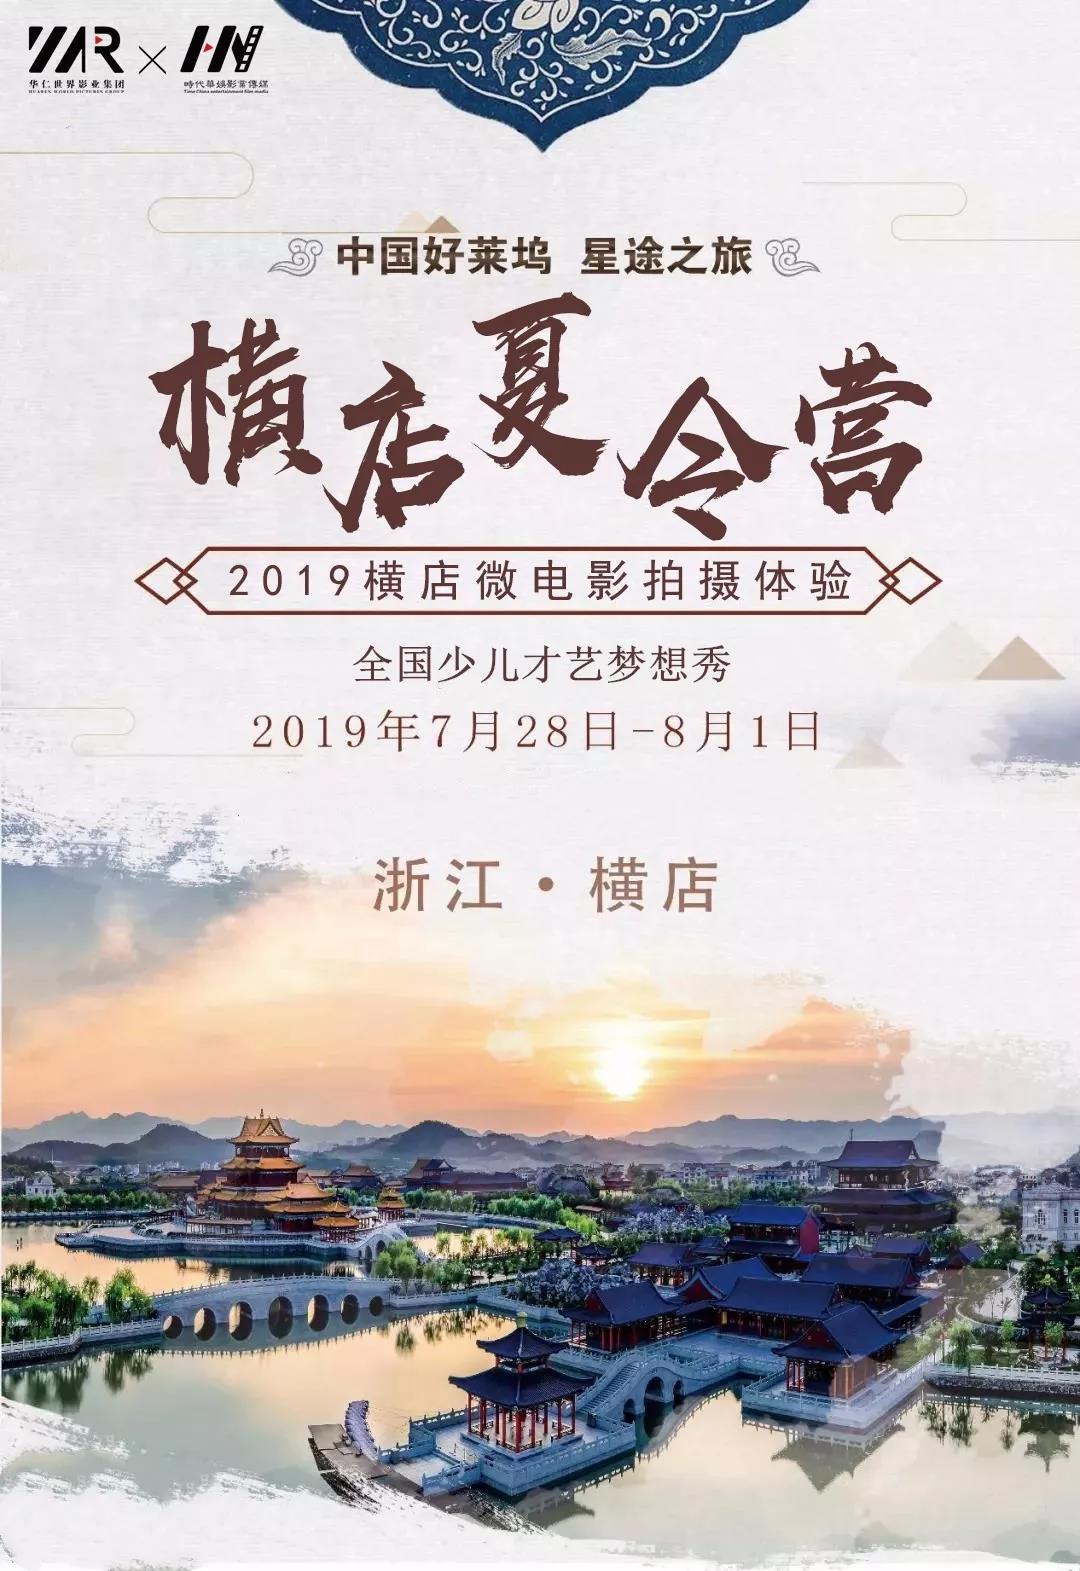 深圳时代华娱文化传媒